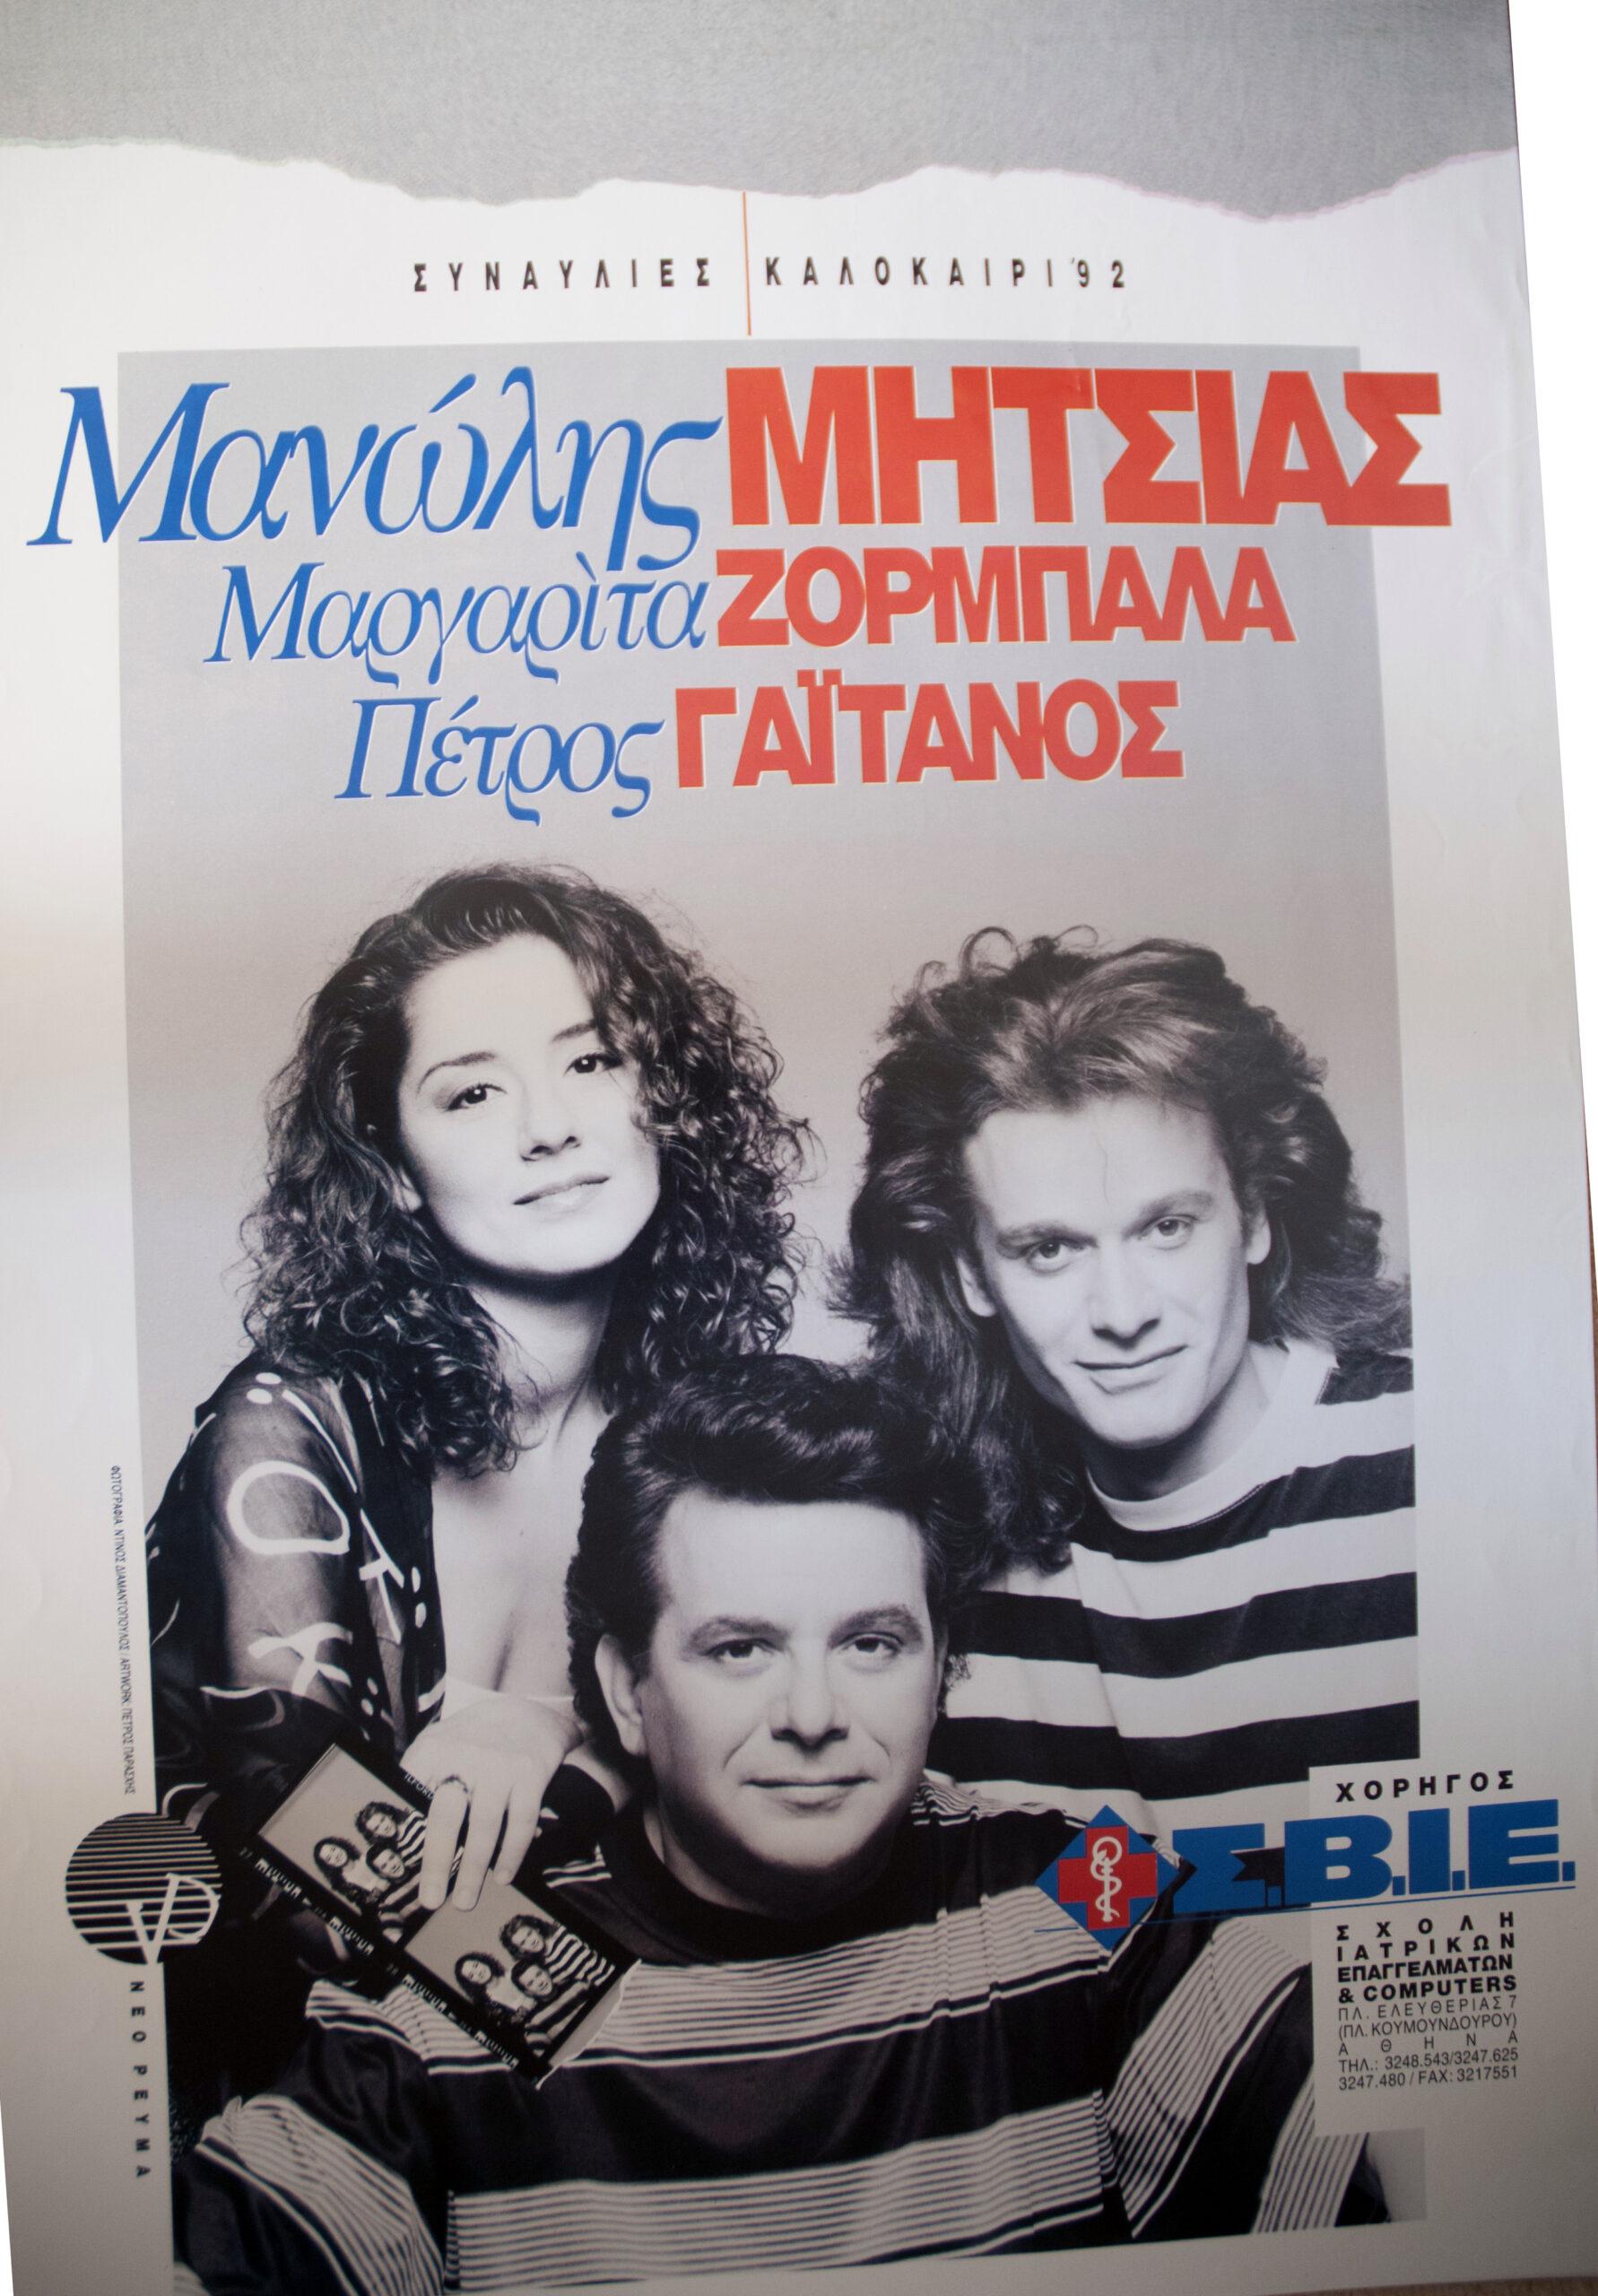 KALOKERI 1992 2 1 scaled